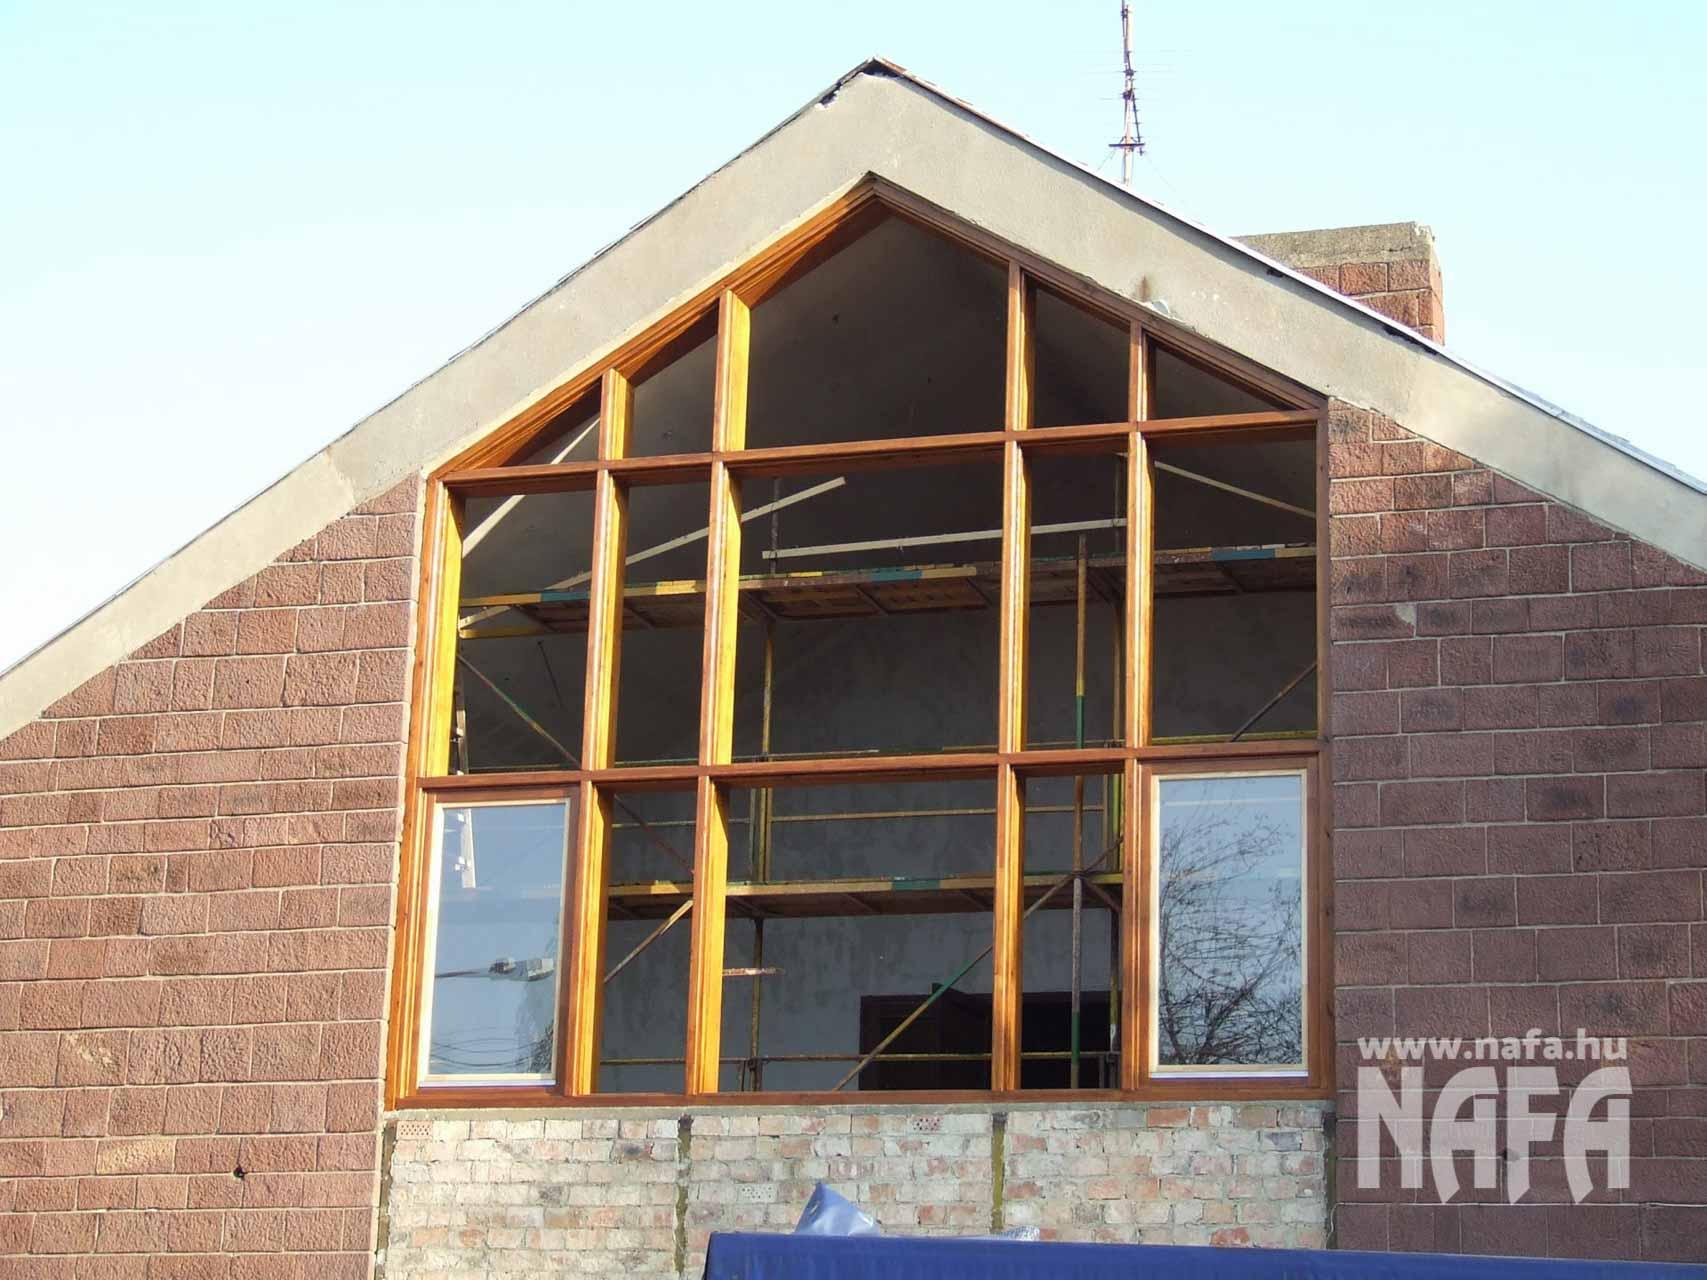 Fa nyílászárók, egyedi festett ablak, Tab Közintézmény